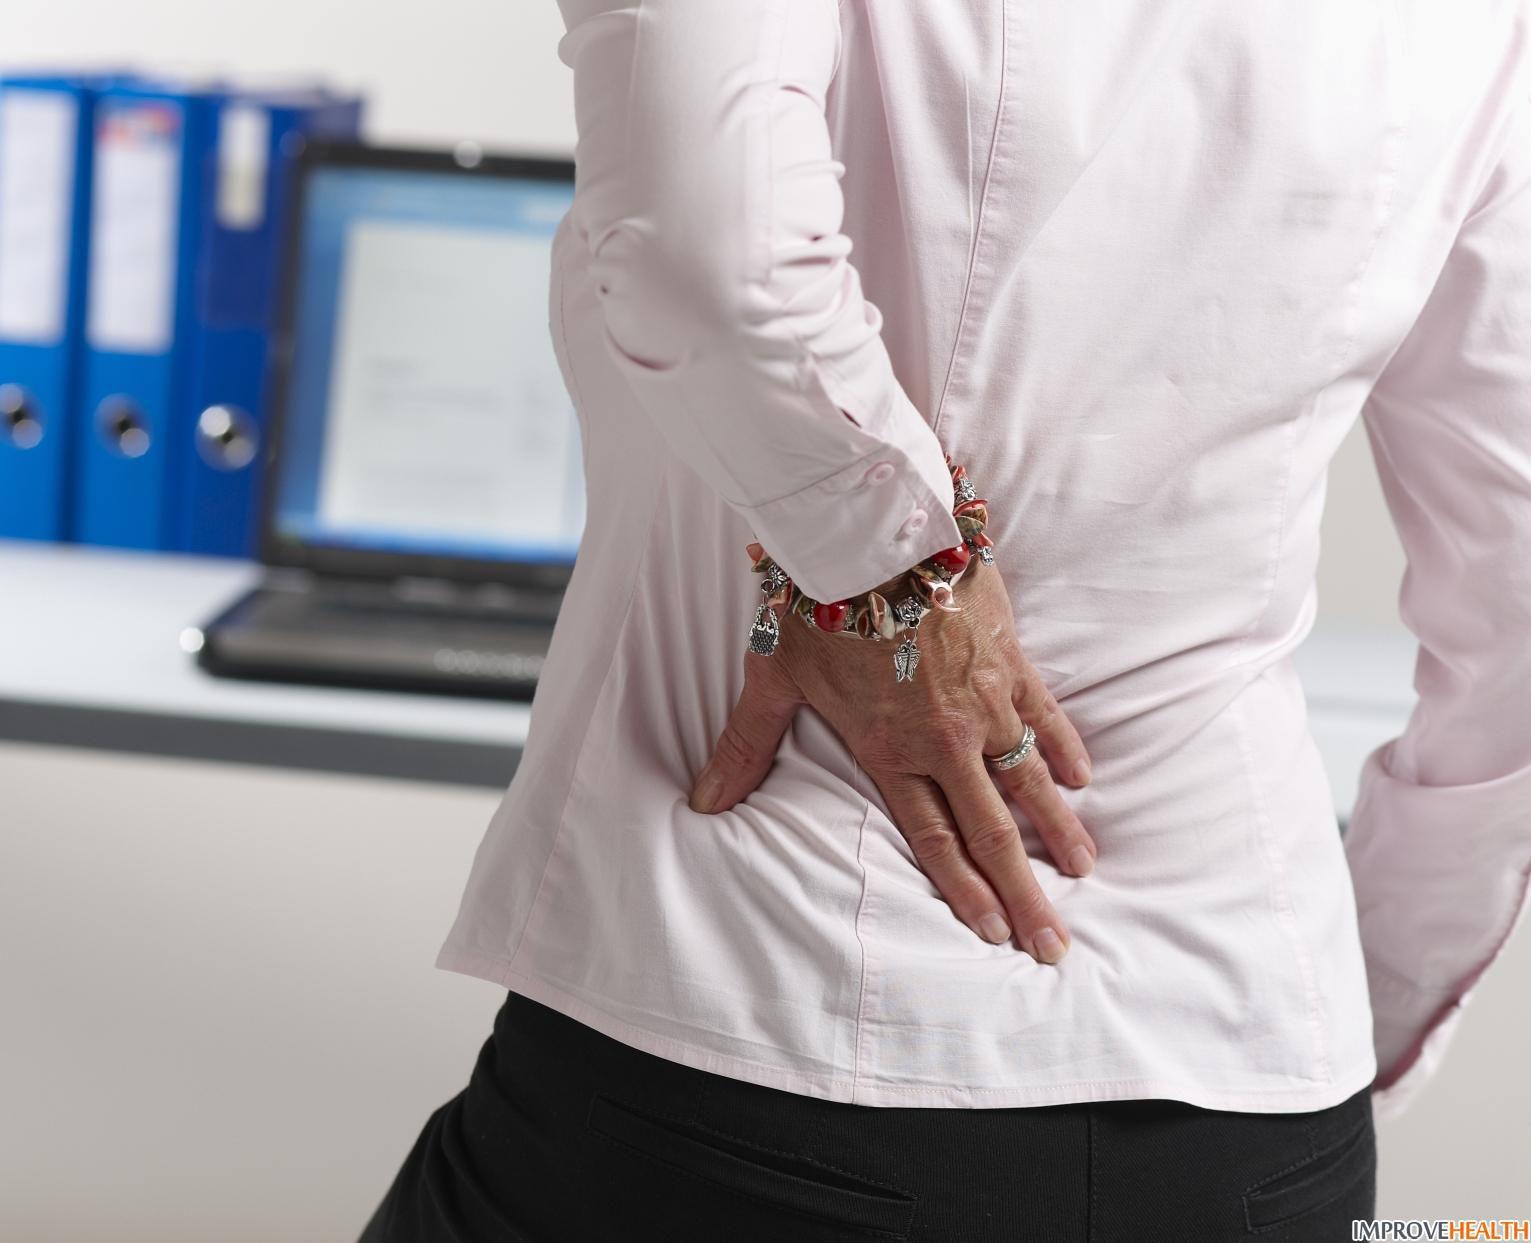 Почечная недостаточность - признаки, симптомы и лечение лекарствами или народными средствами